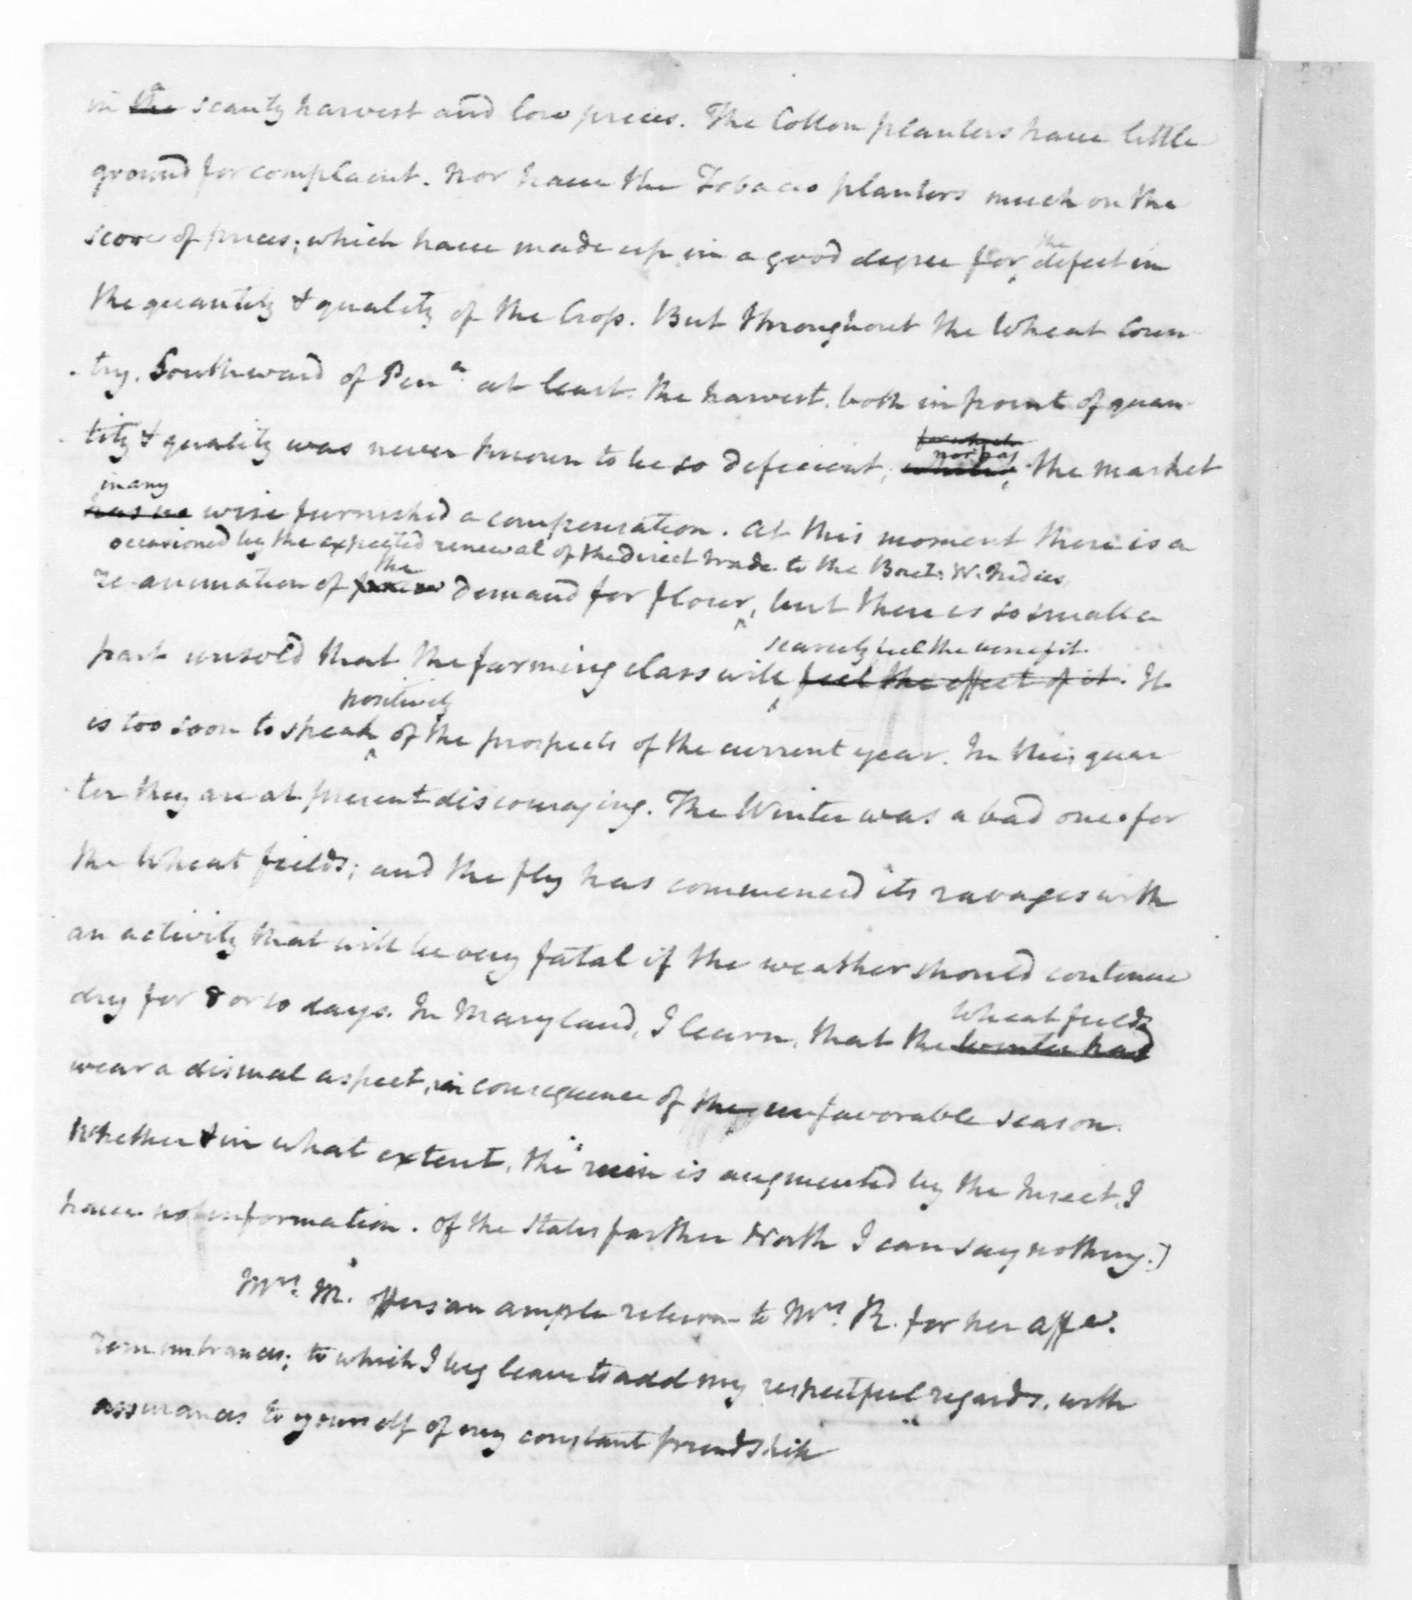 James Madison to Richard Rush, May 1, 1822.